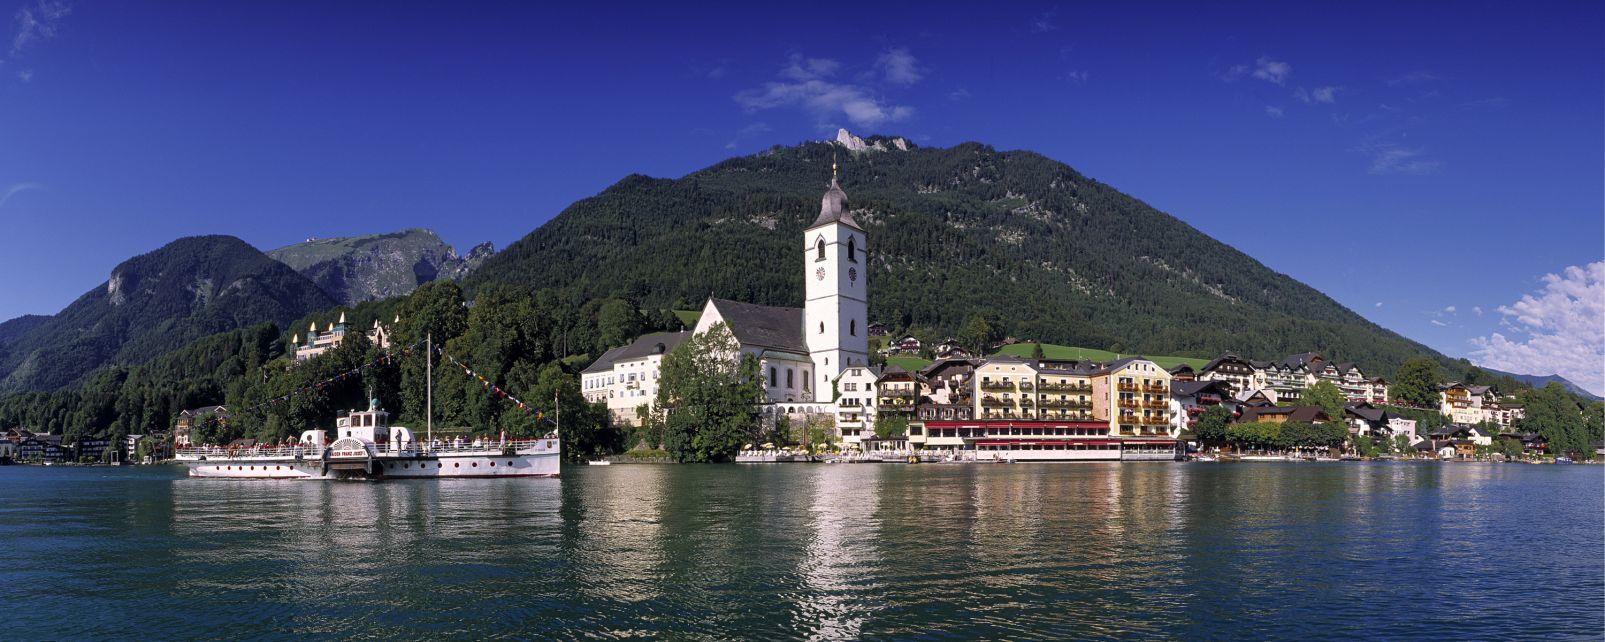 , Le lac de Wolfgangsee, Les paysages, Autriche